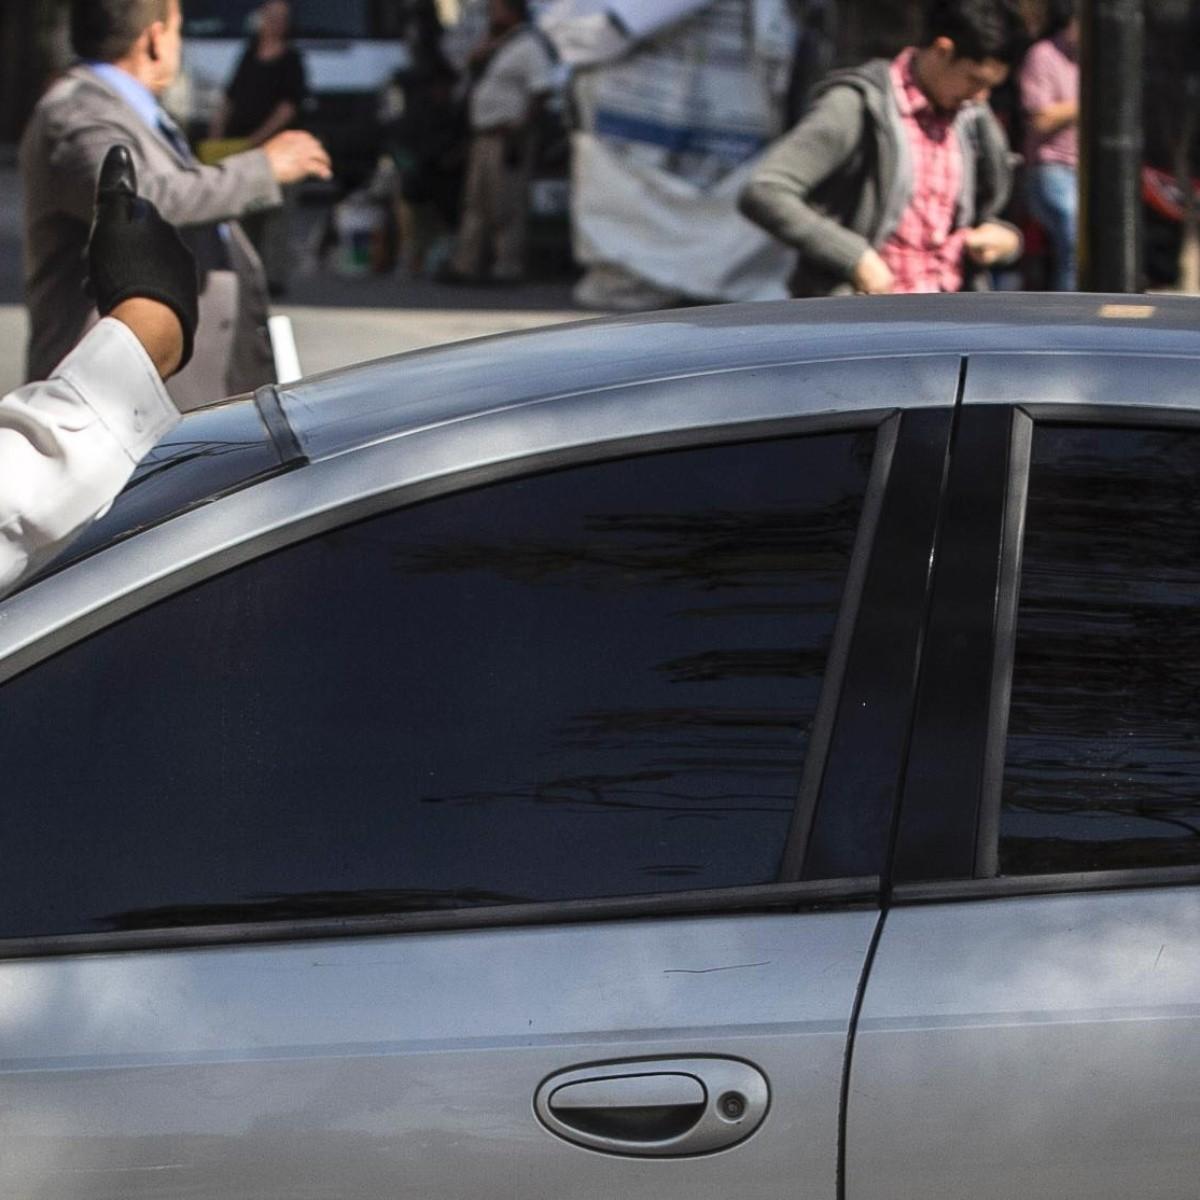 4f09f43f6c Abandonan operativos contra autos polarizados   El Informador :: Noticias  de Jalisco, México, Deportes & Entretenimiento